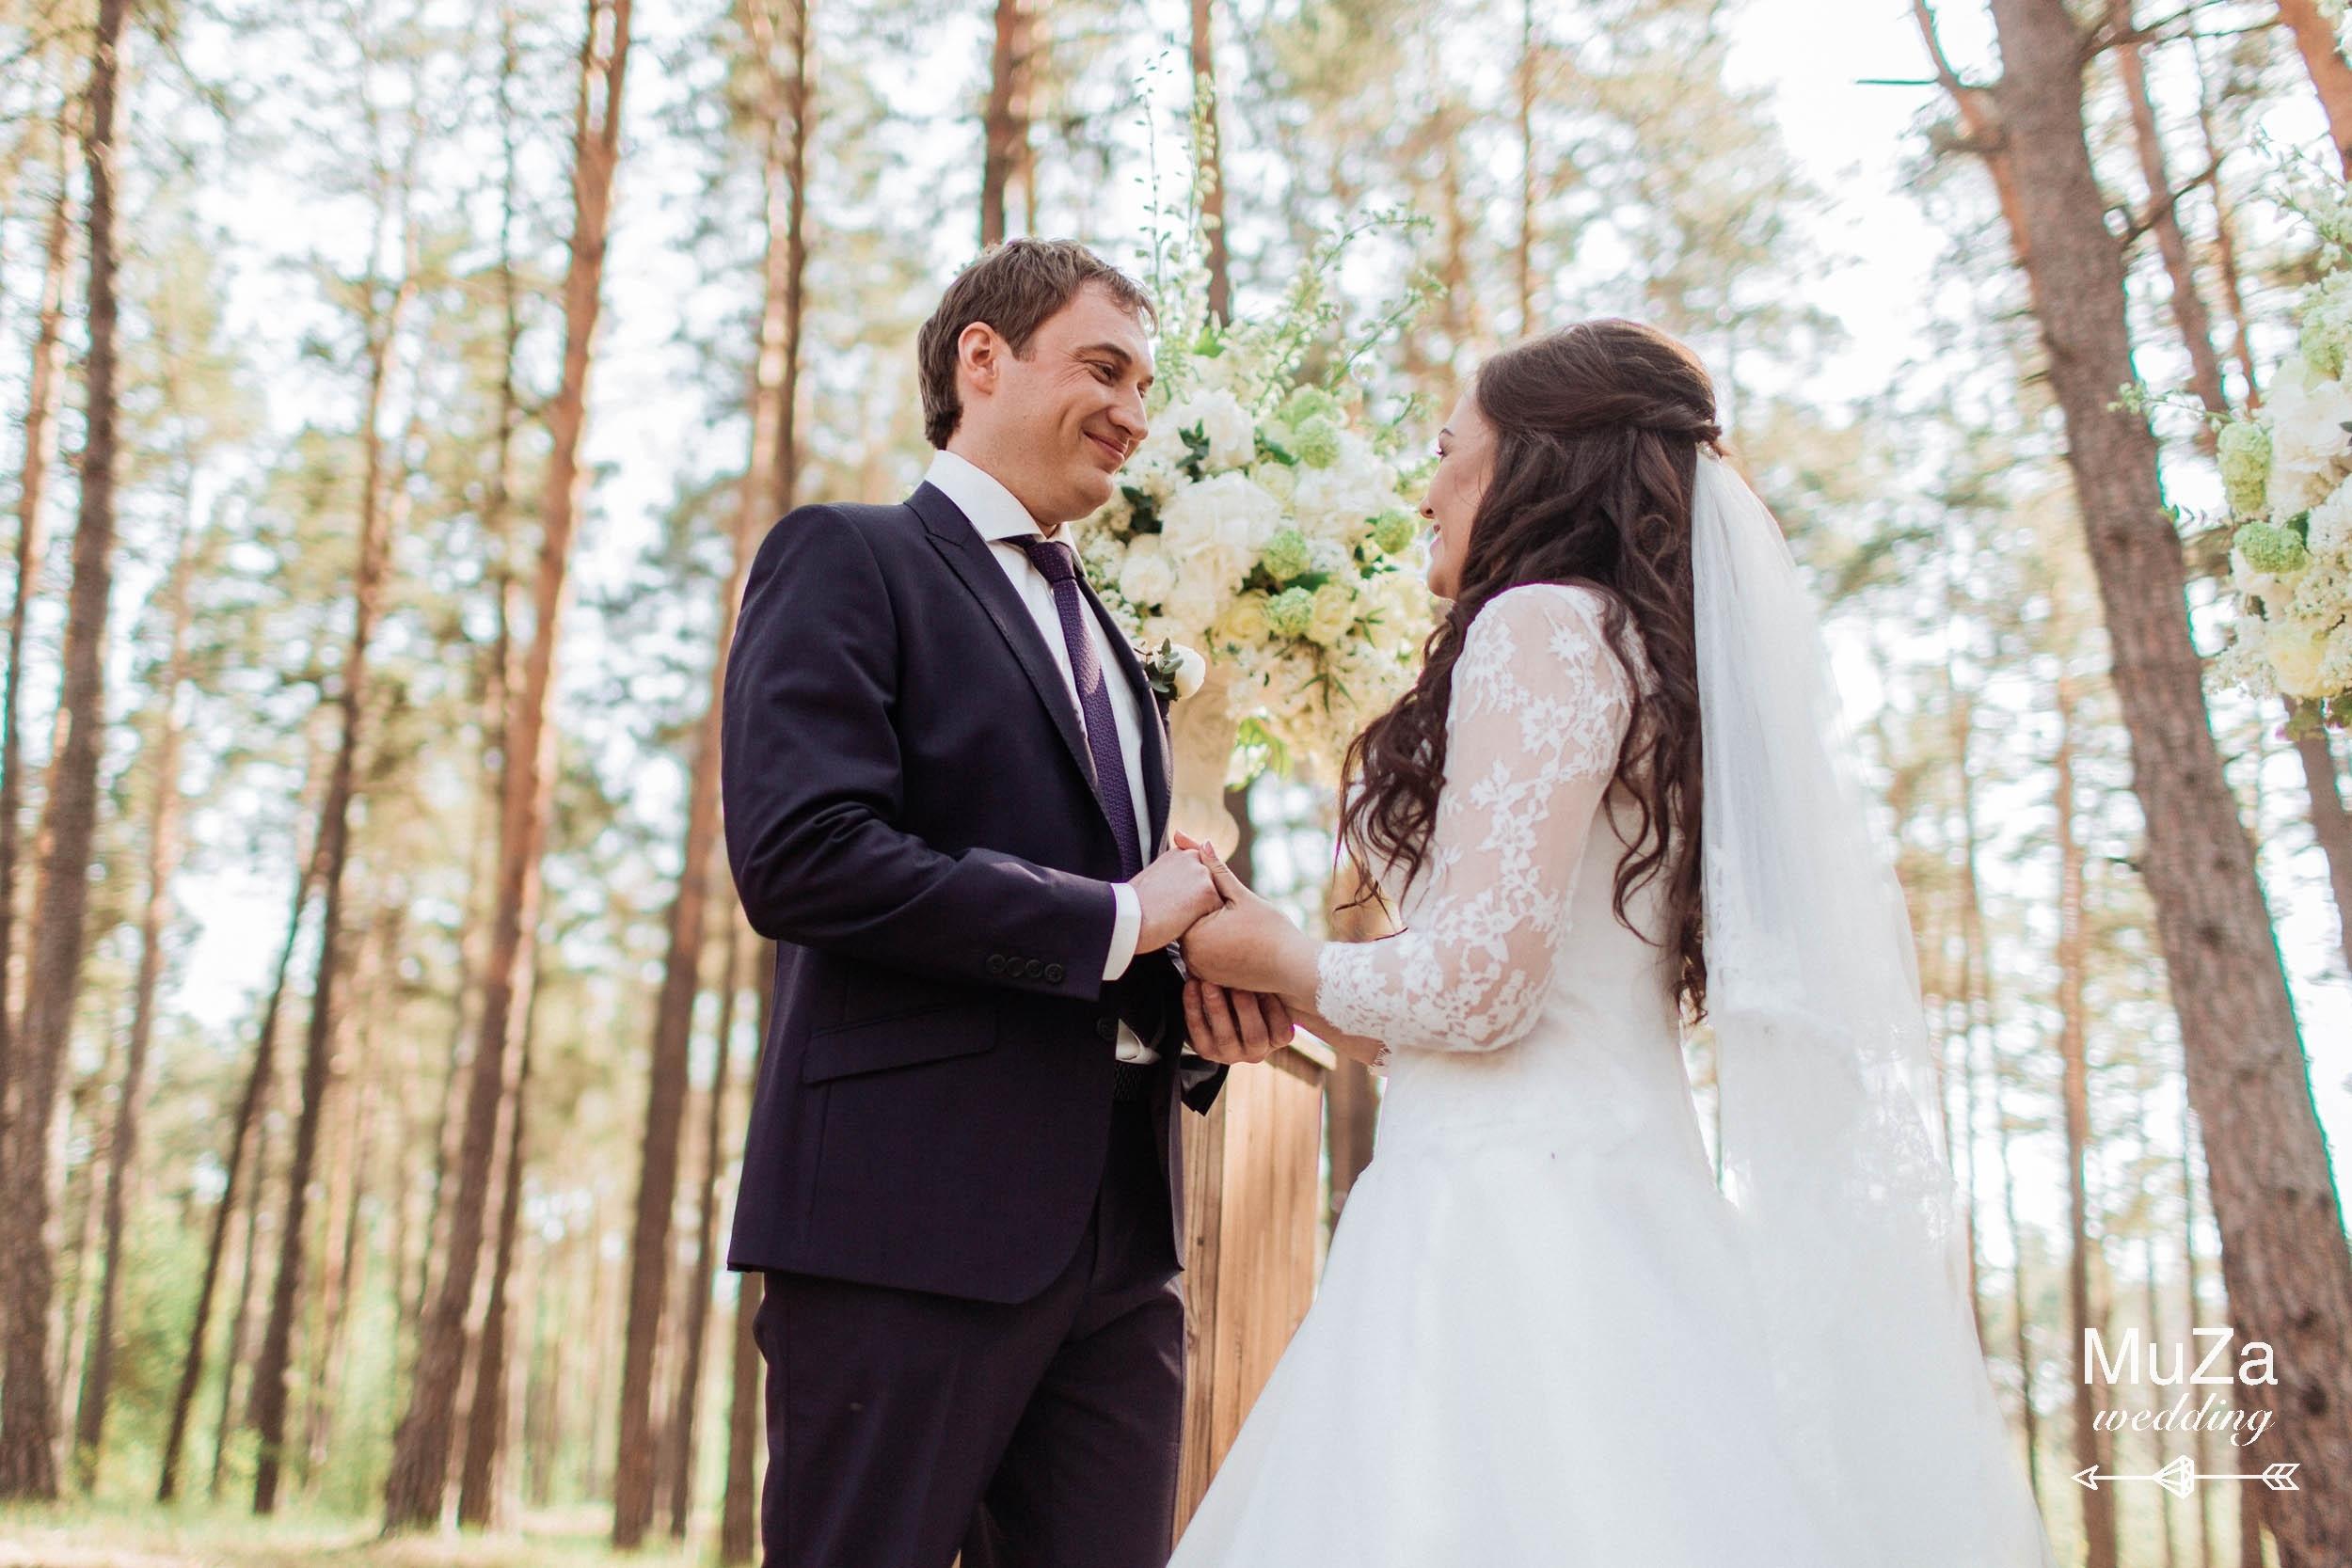 Красивая элегантная свадьба в лесу